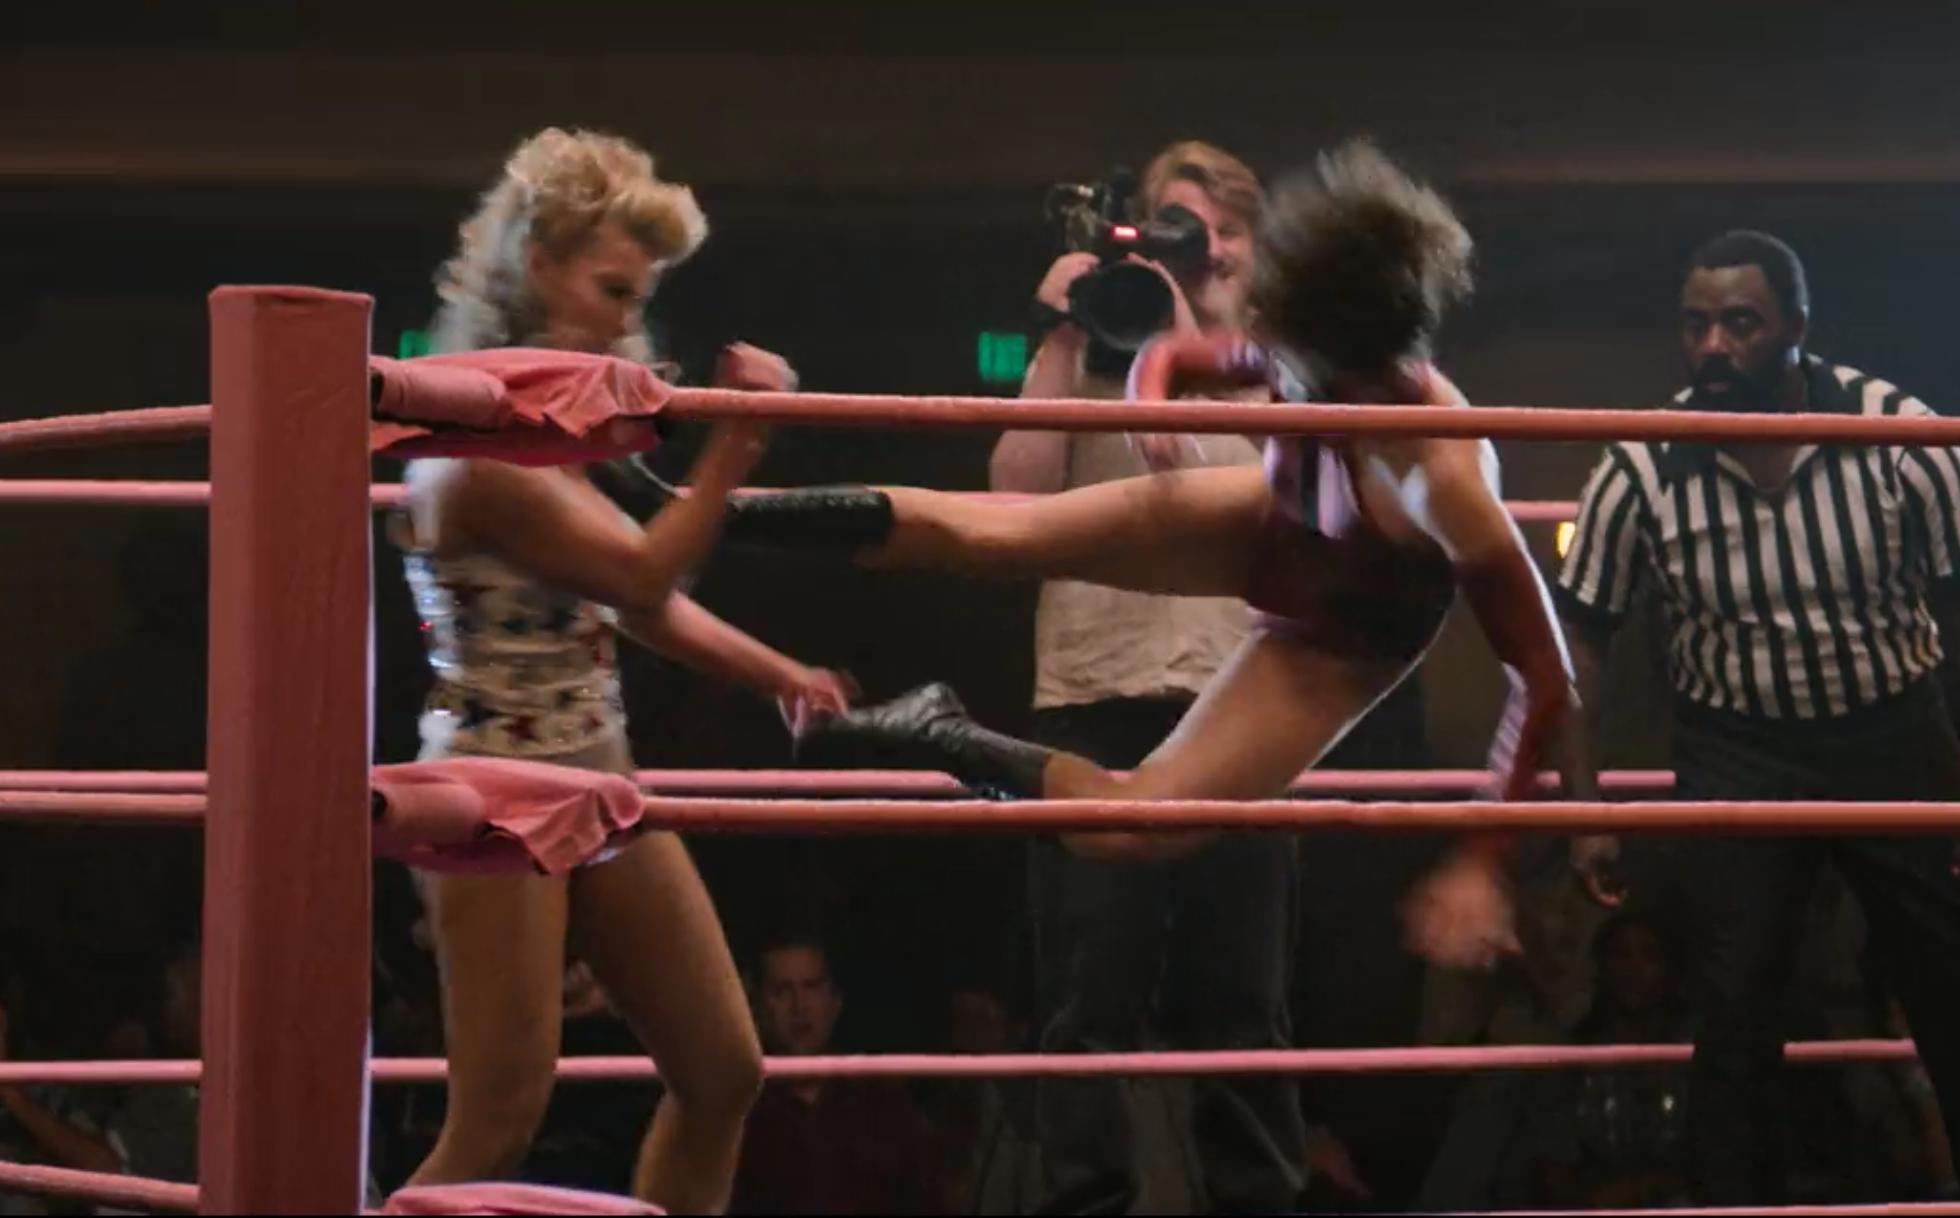 Female wrestling sleeper hold